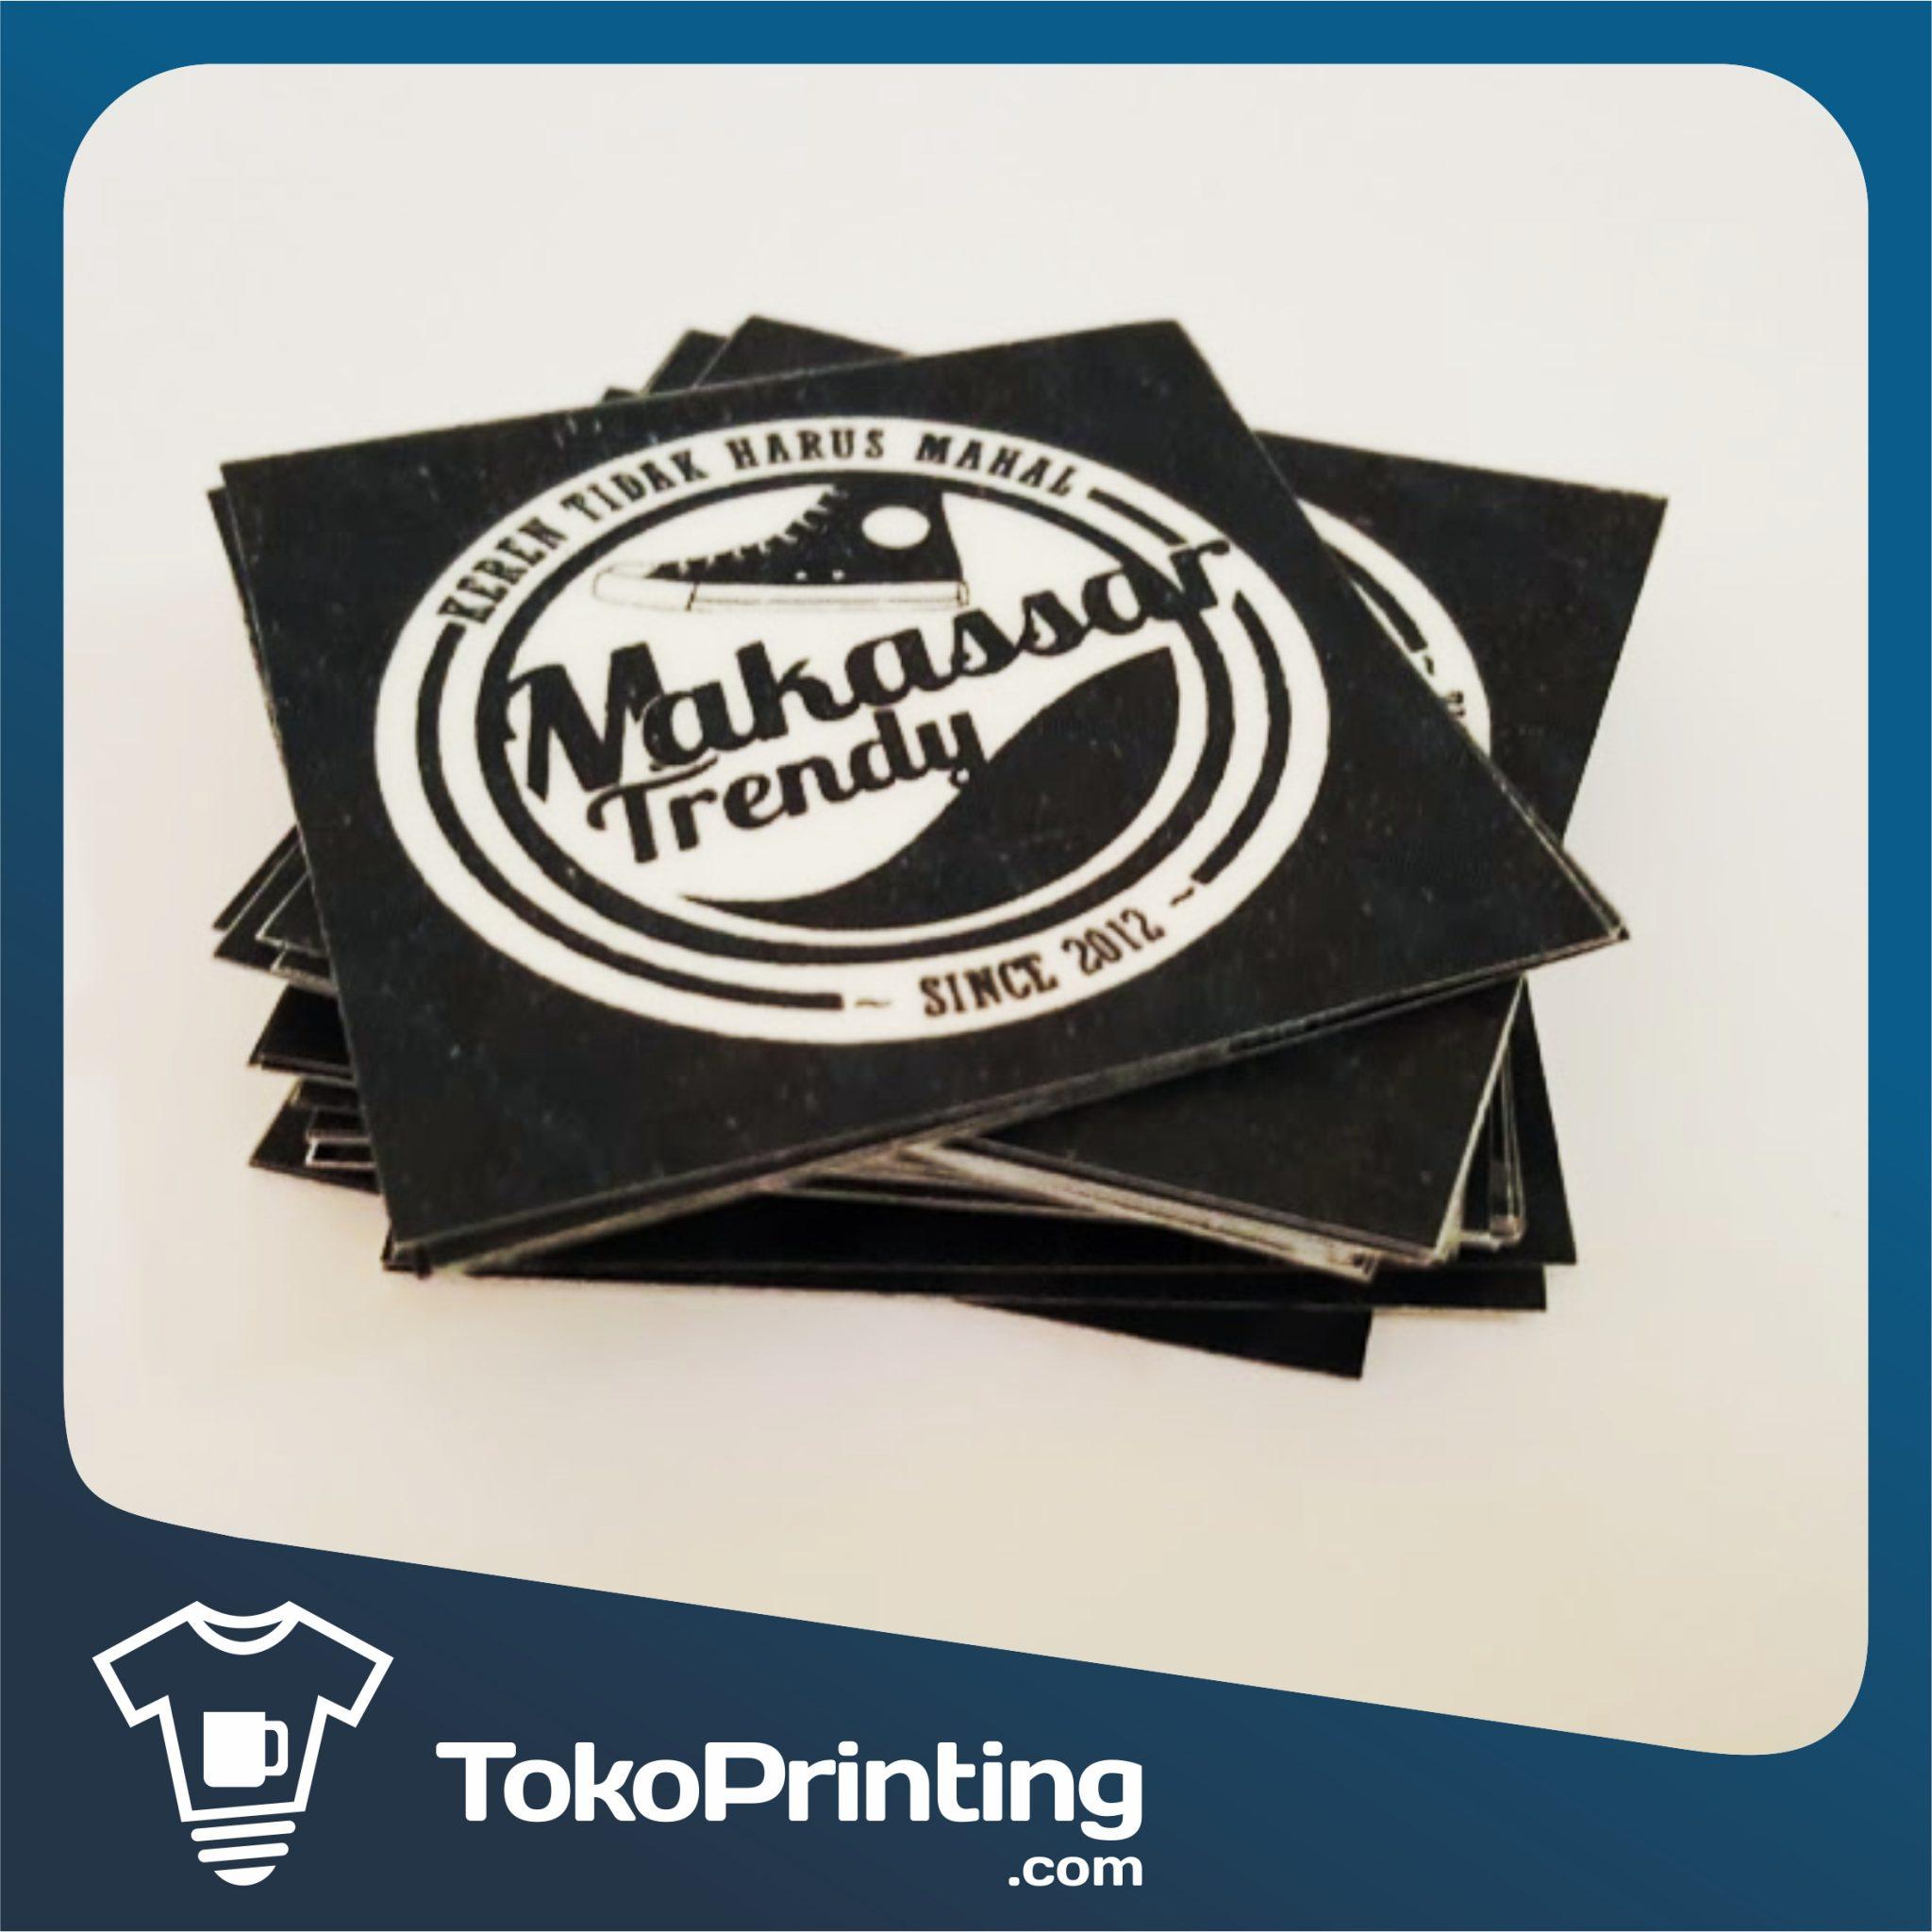 PROMO!!! HP/WA 0821 8911 7077 Percetakan Makassar - Toko Printing